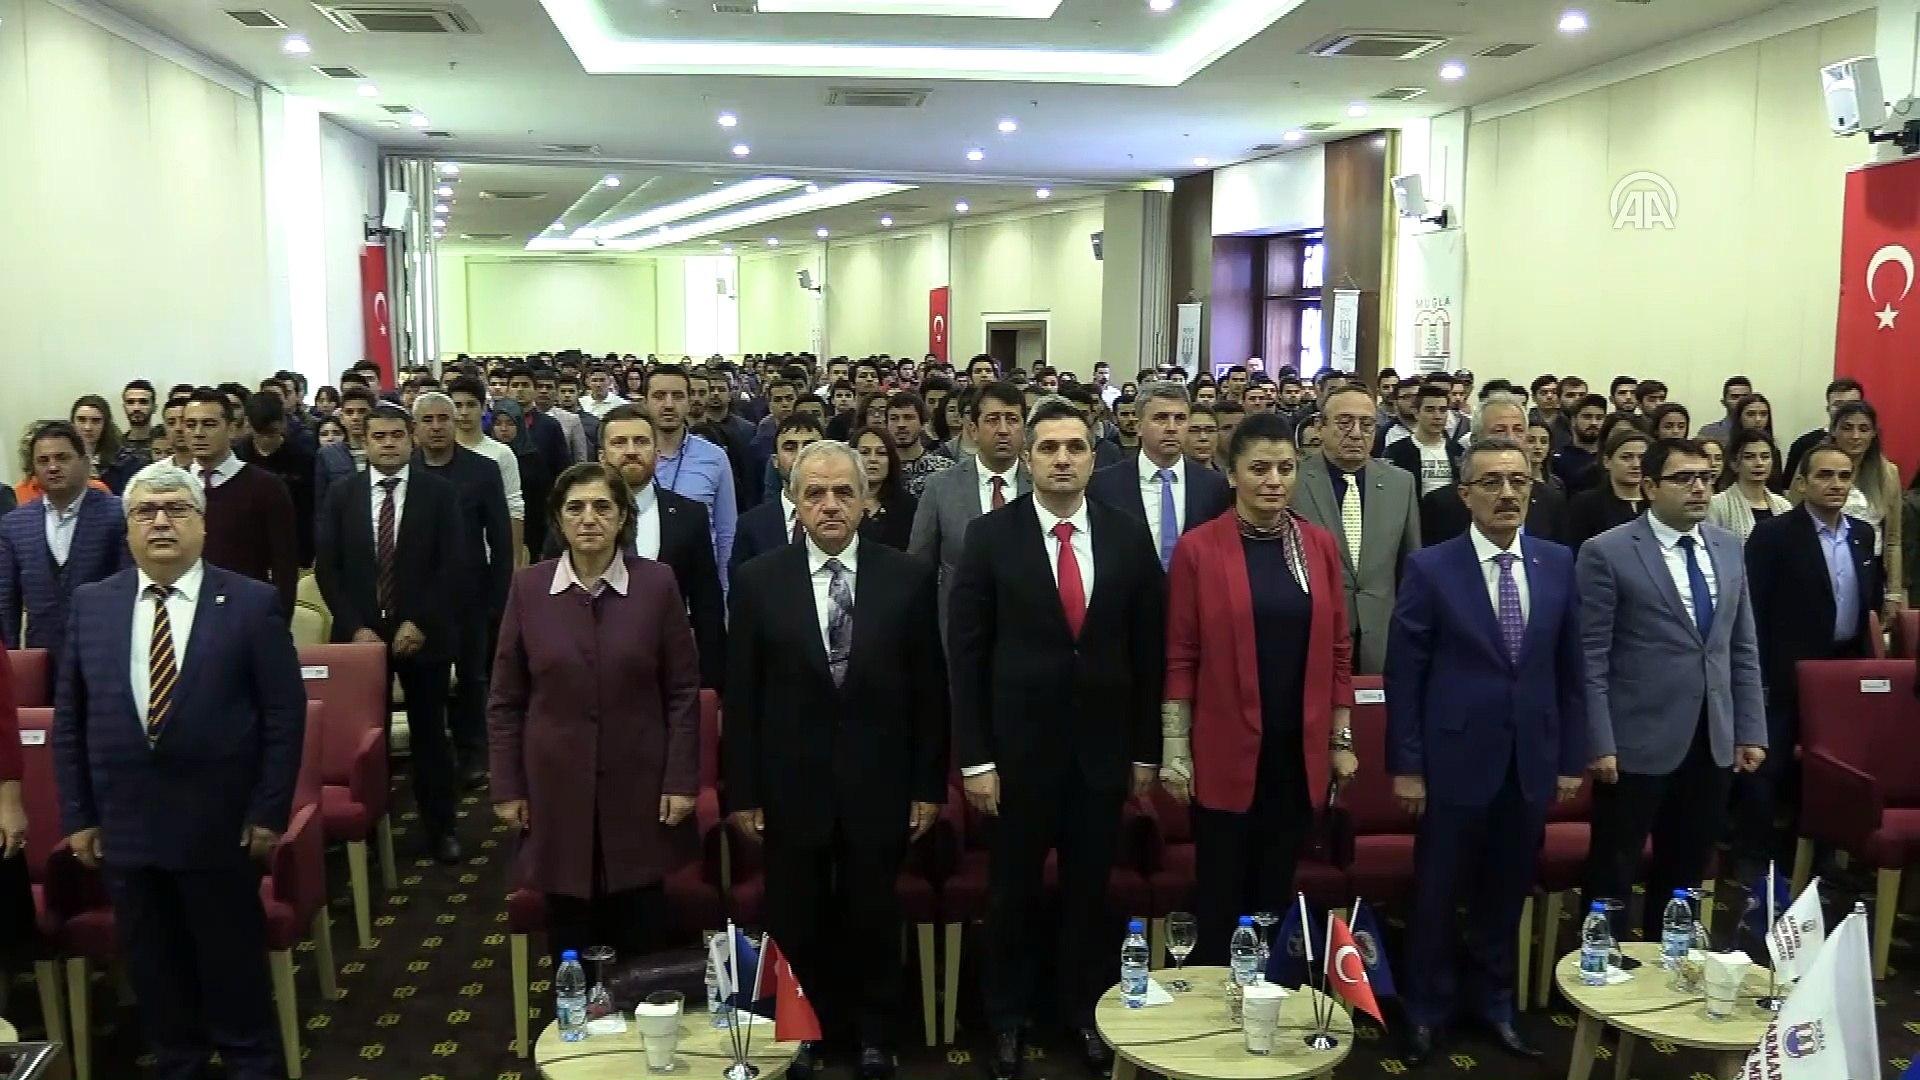 ''Amaç büyük İsrail'i kurmak. Buna engel olacak güç olarak Türkiye'yi görüyorlar'